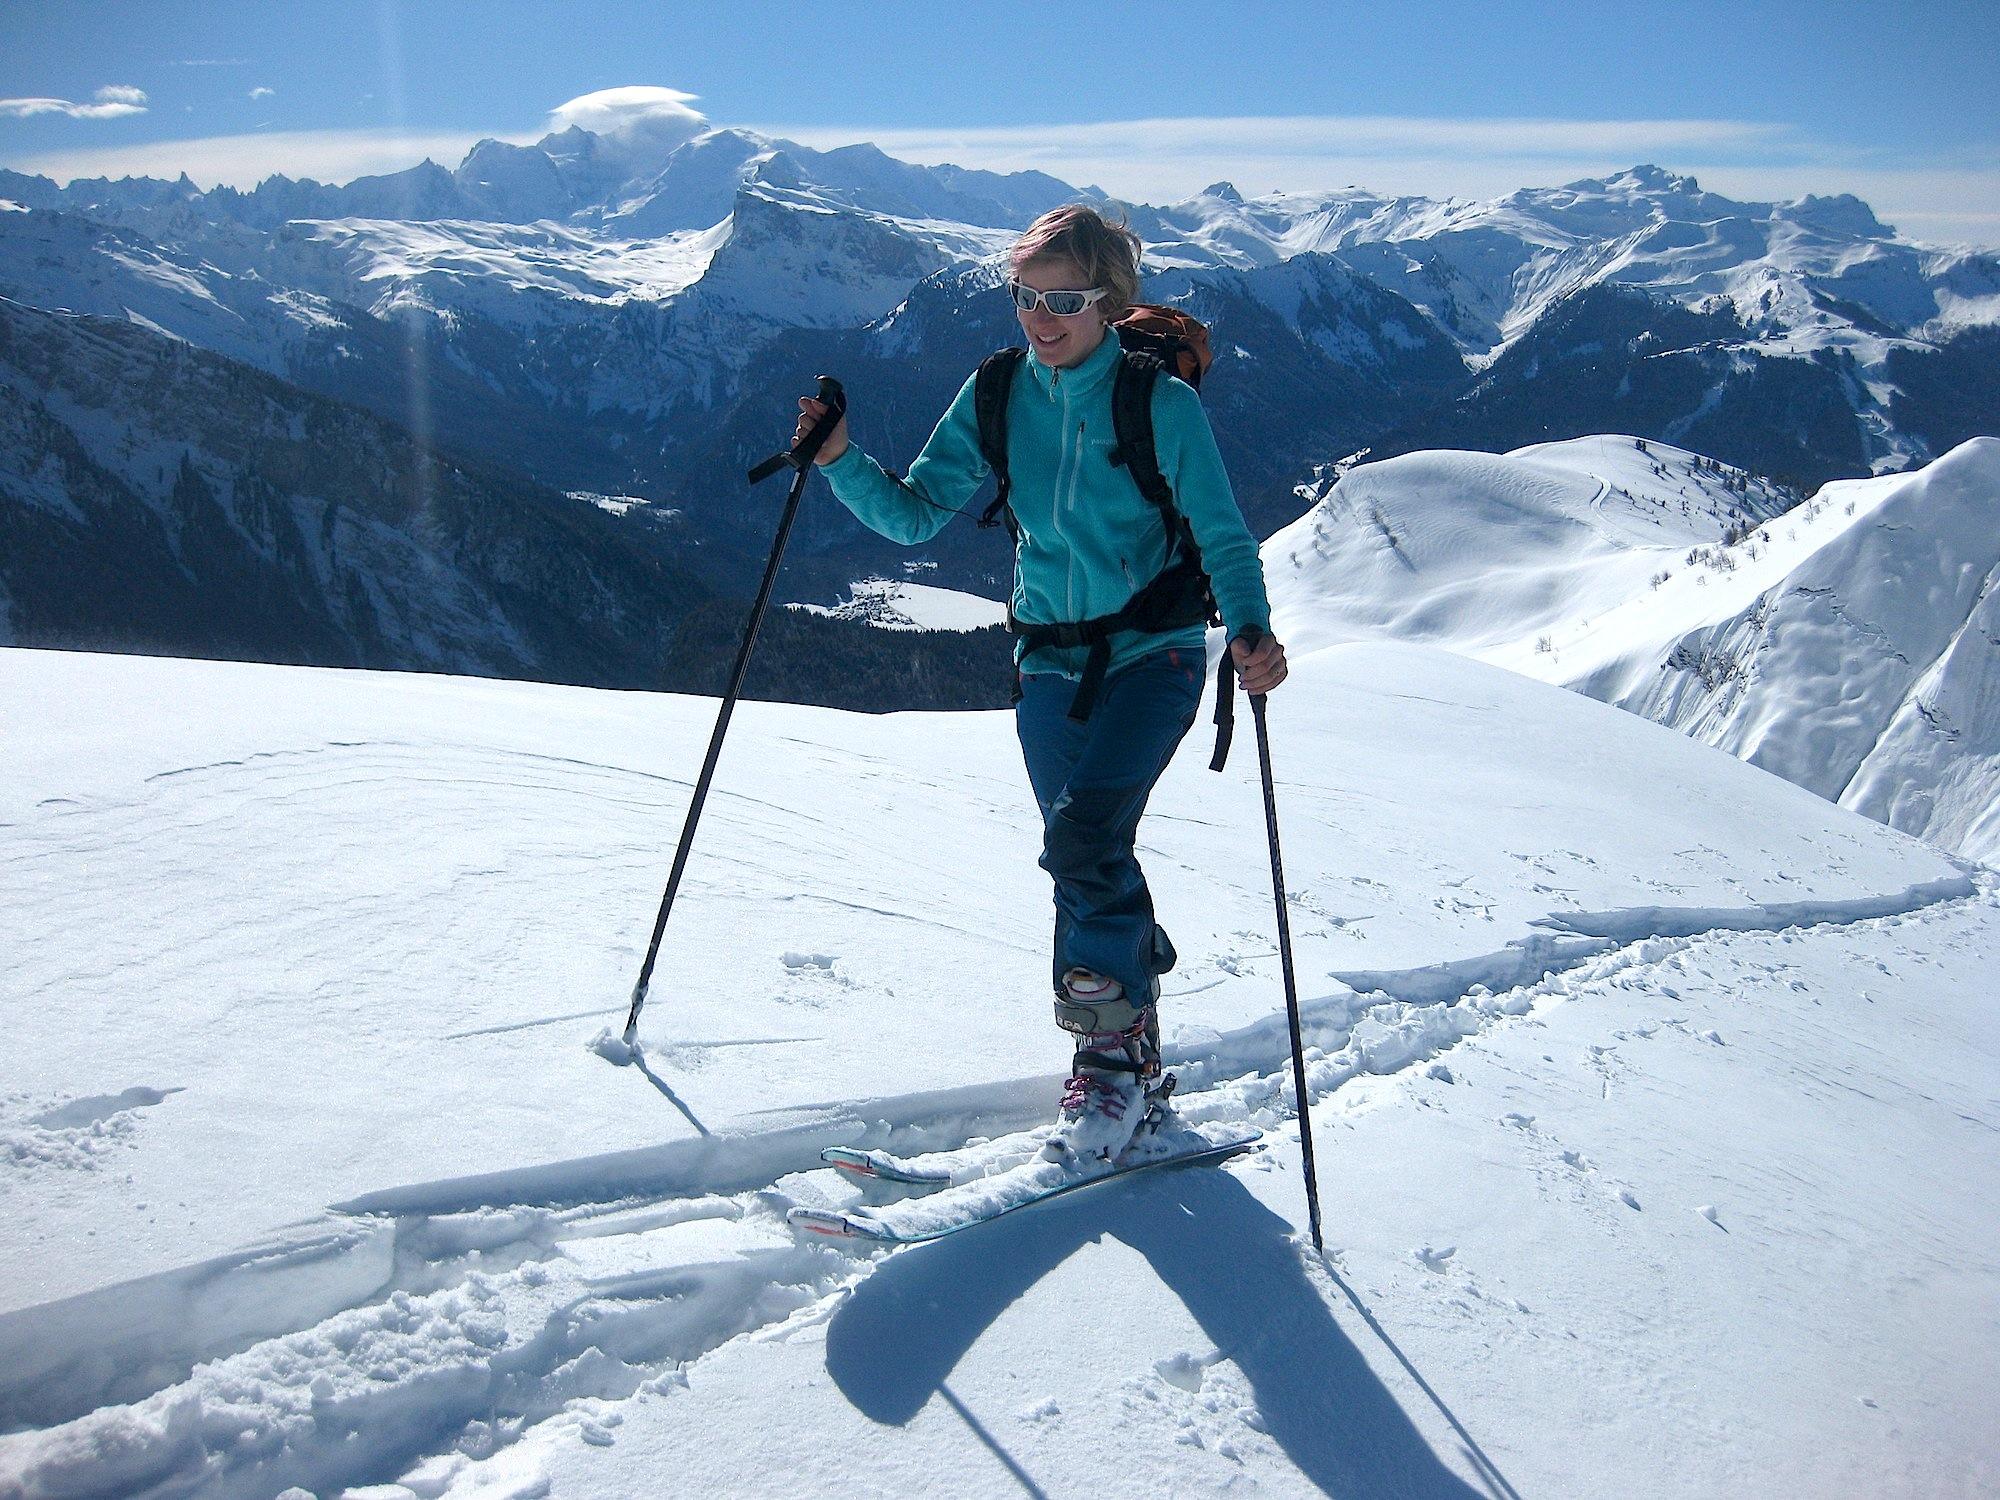 Tracer dans la neige fraiche est souvent un plaisir, surtout avec un paysage comme celui-ci !